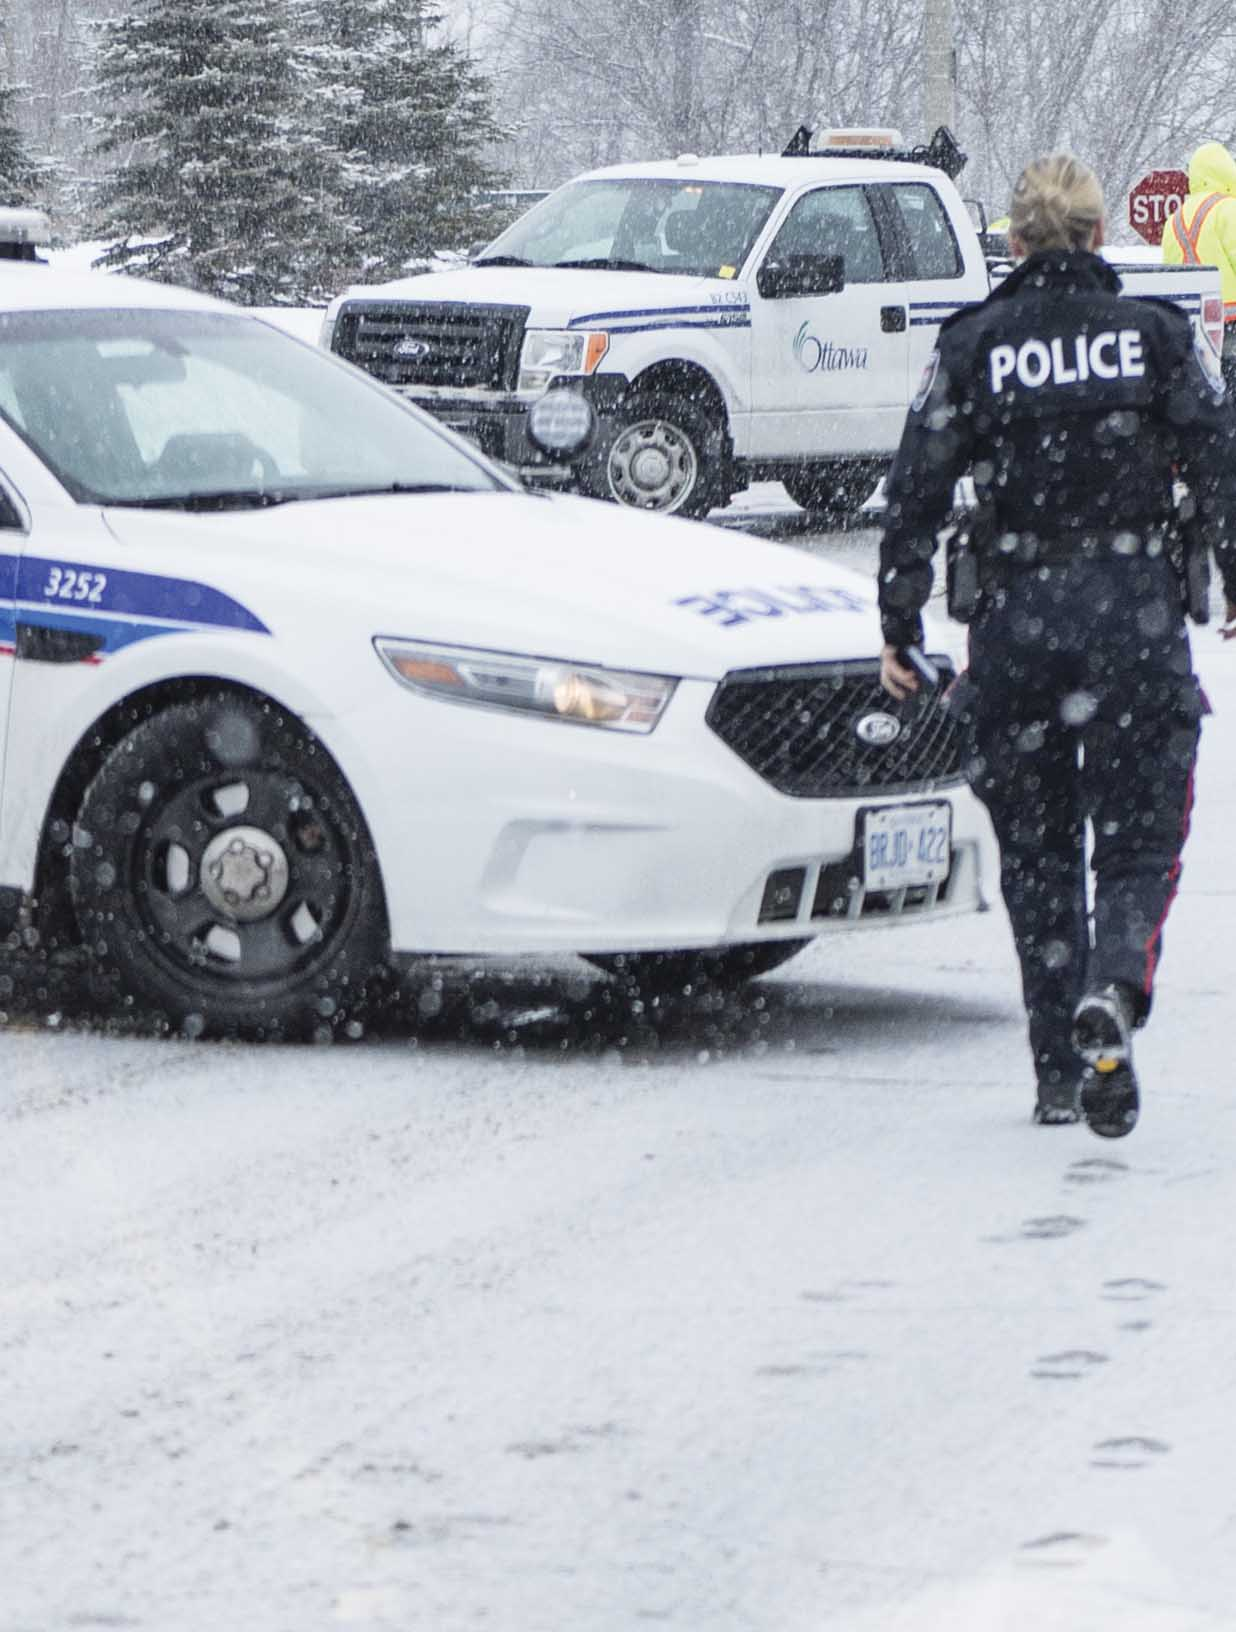 Si vous vous retrouvez en situation de panne de véhicule où il y a du danger, n'hésitez pas à appeler la police